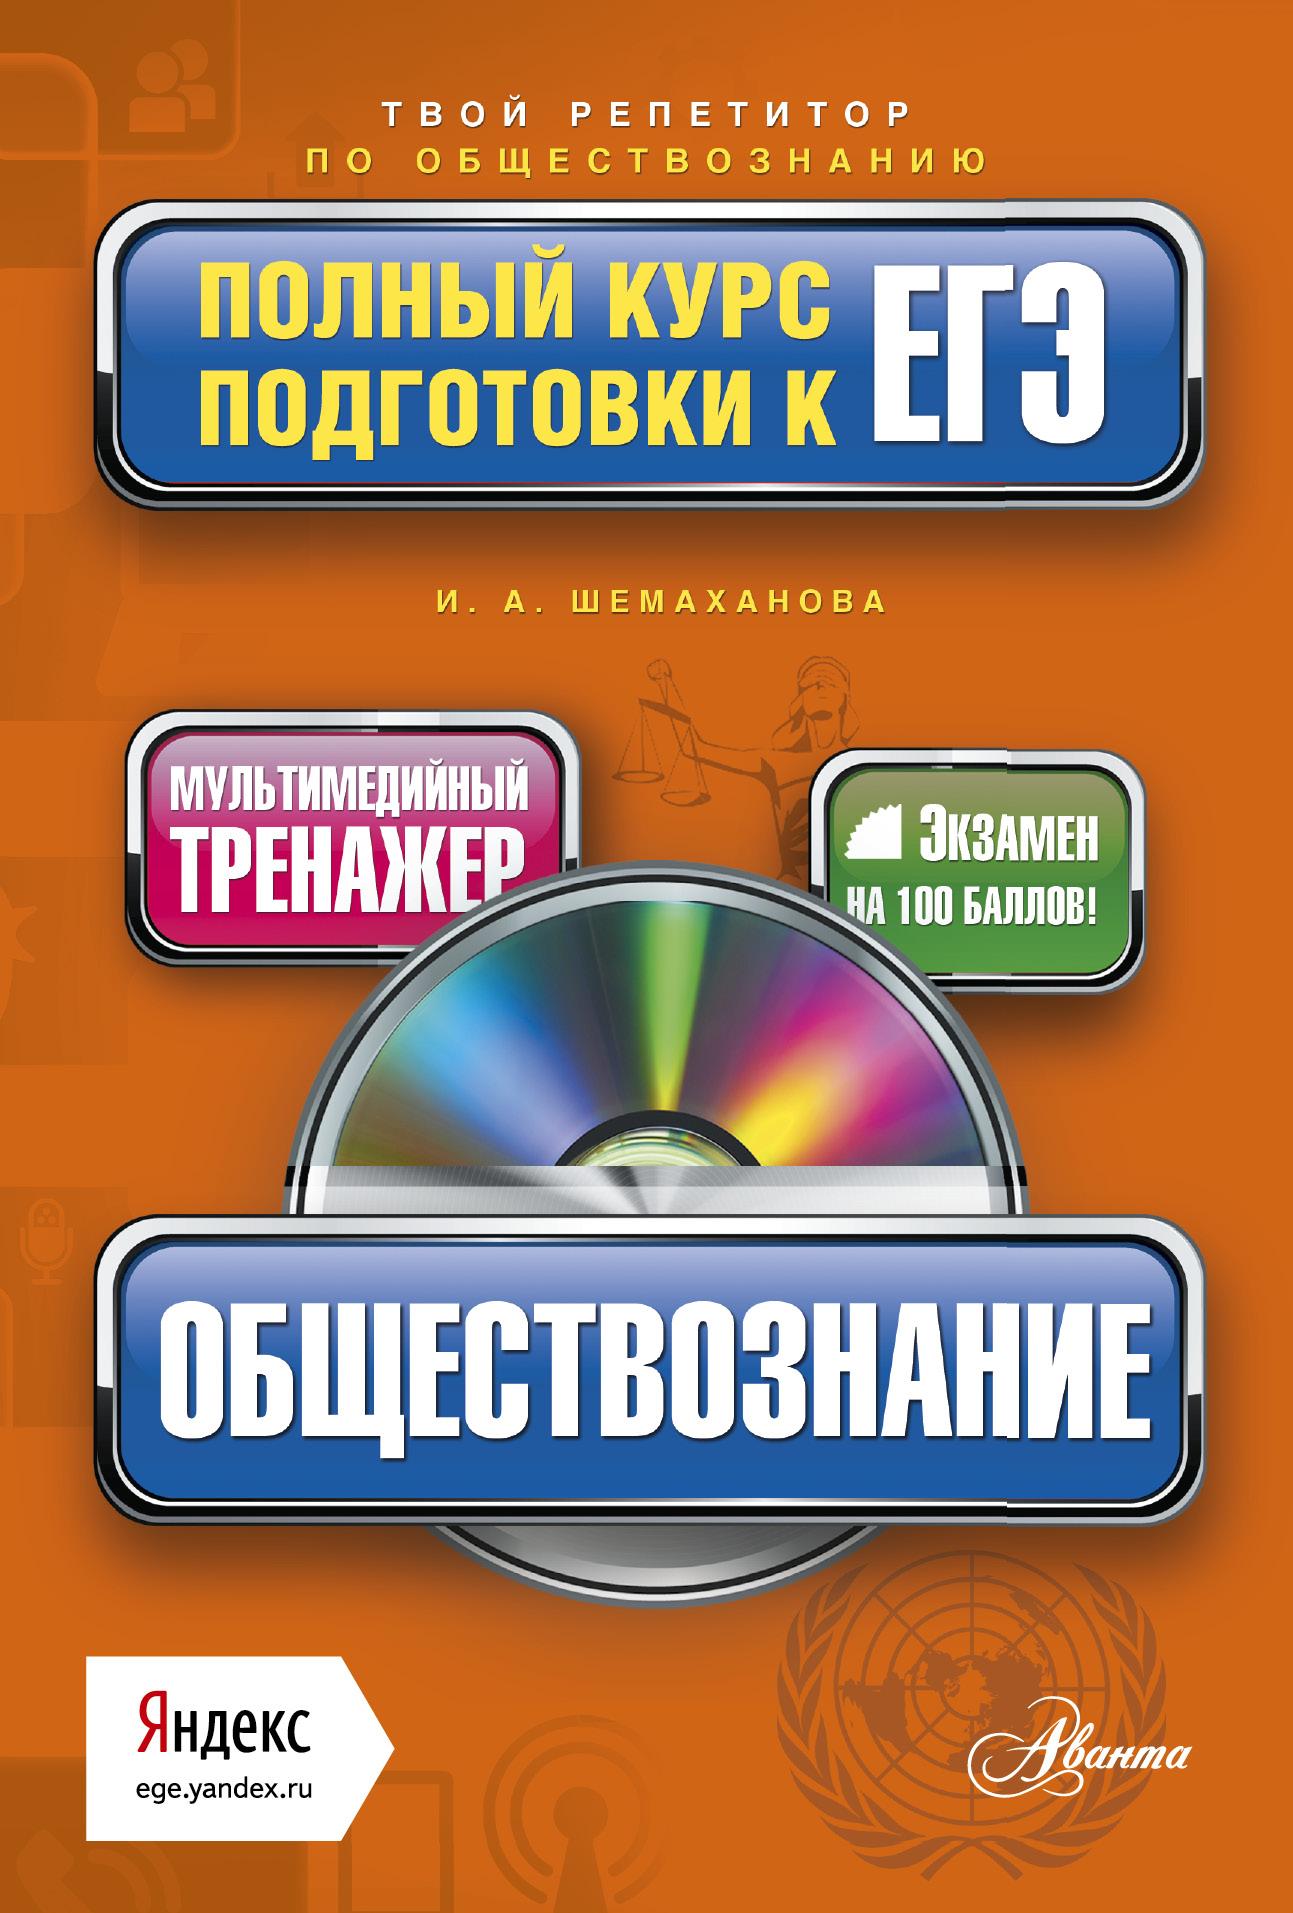 Обществознание. Полный курс подготовки к ЕГЭ (+CD) ( Шемаханова И.А.  )